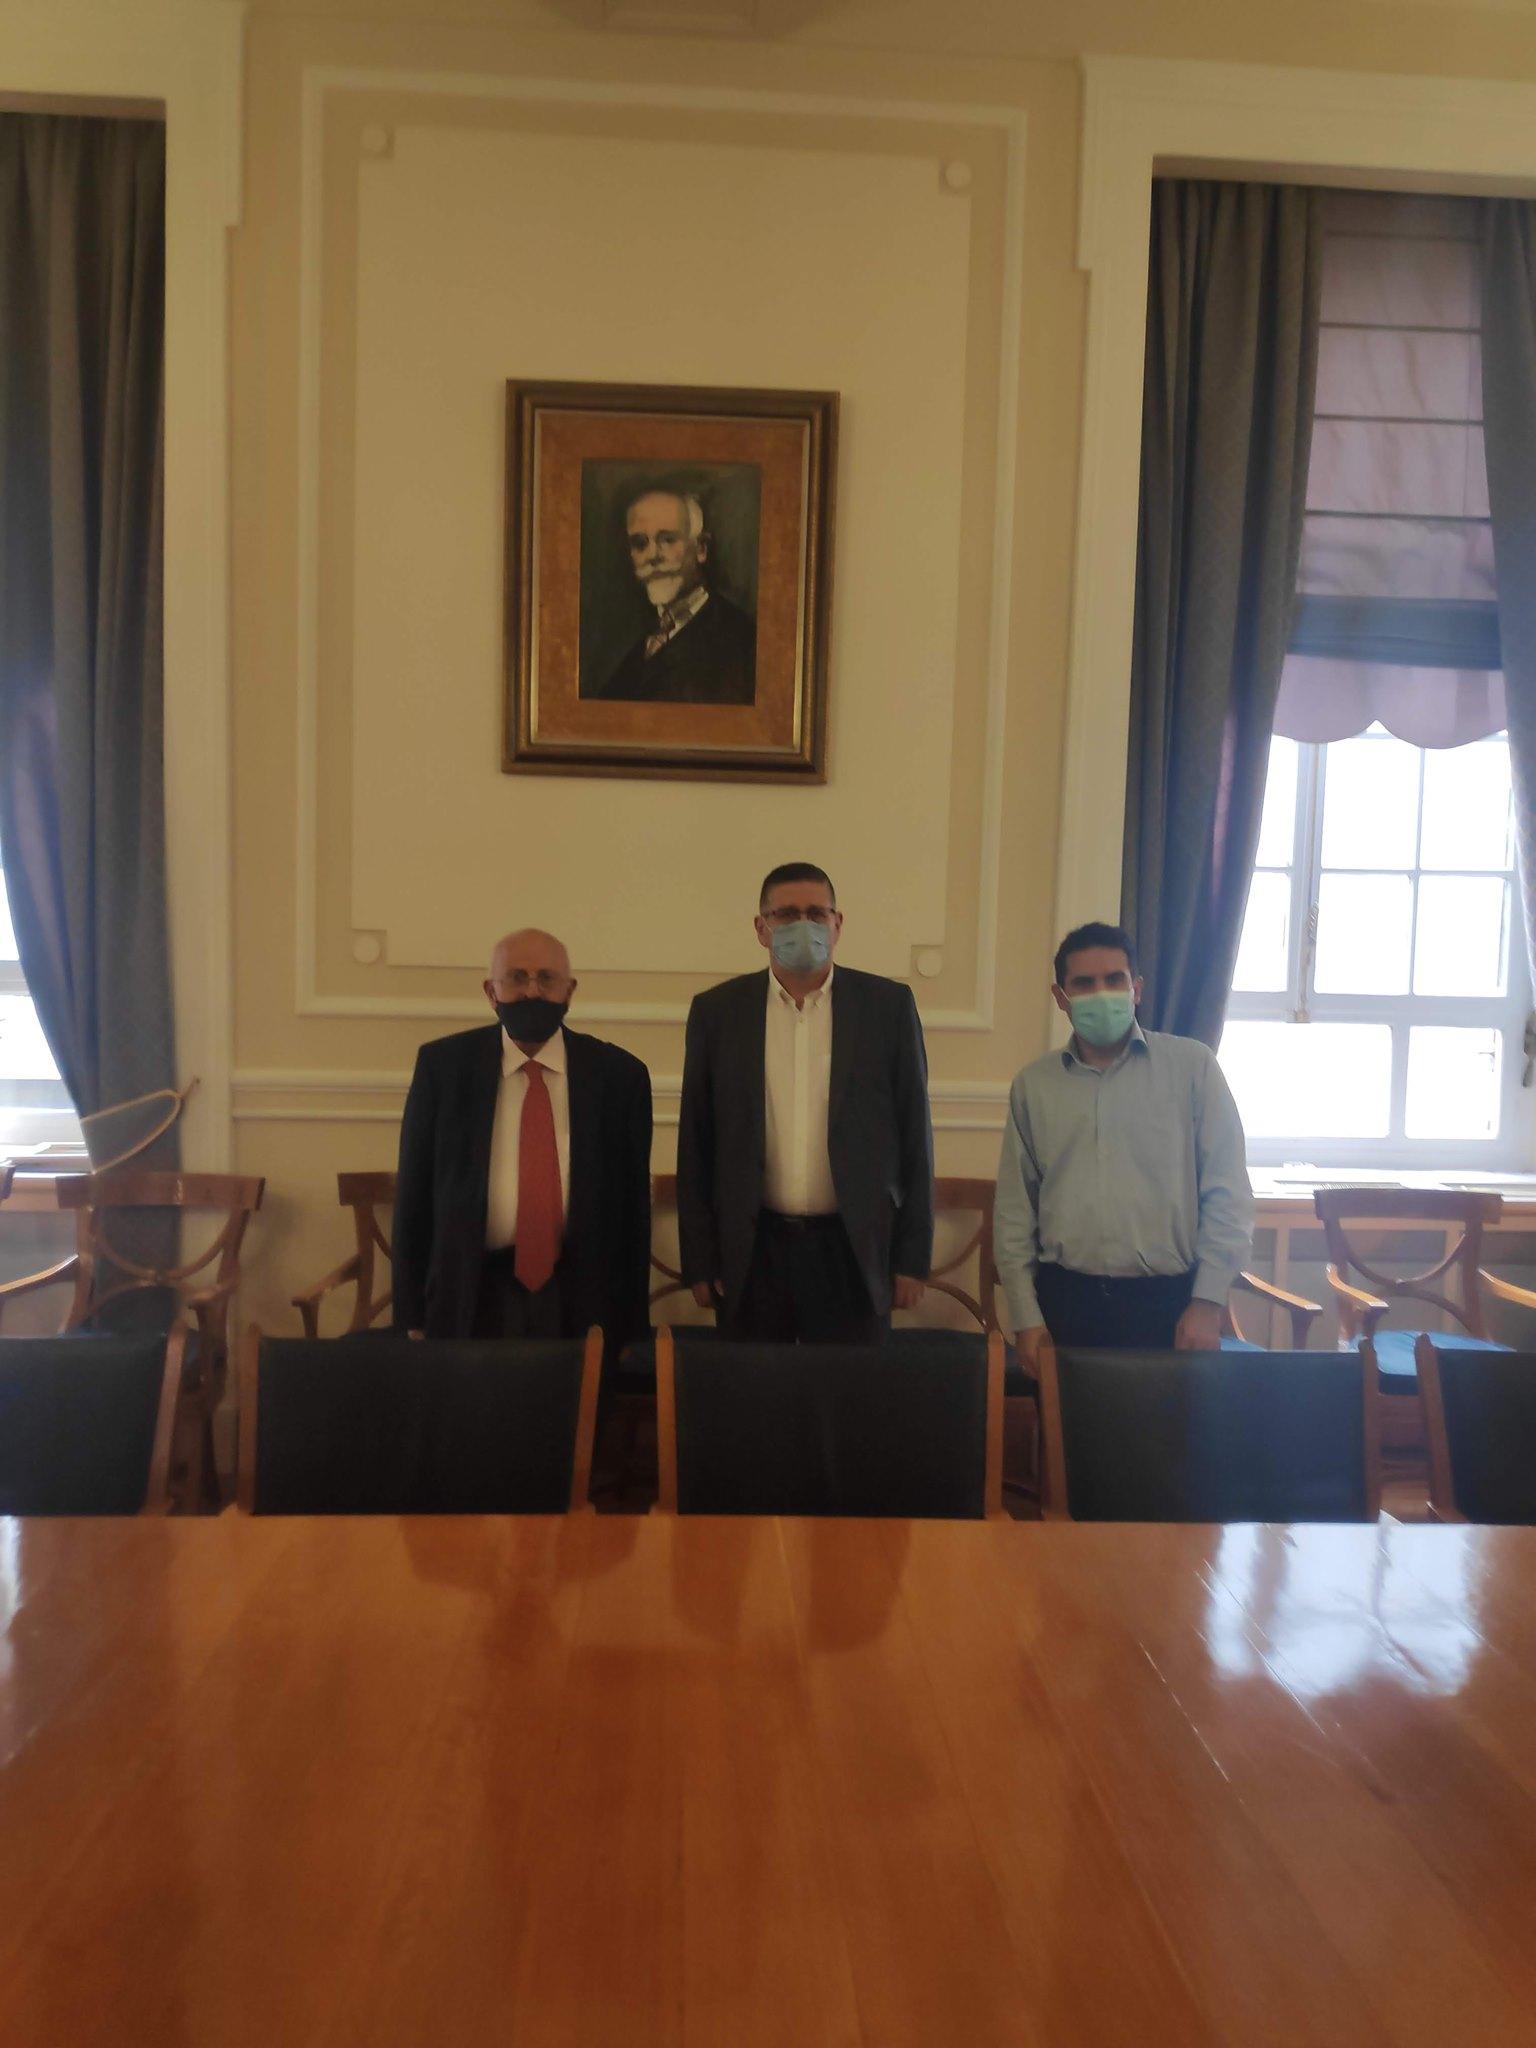 Συνάντηση με το νέο Πρύτανη του Οικονομικού Πανεπιστημίου Αθηνών